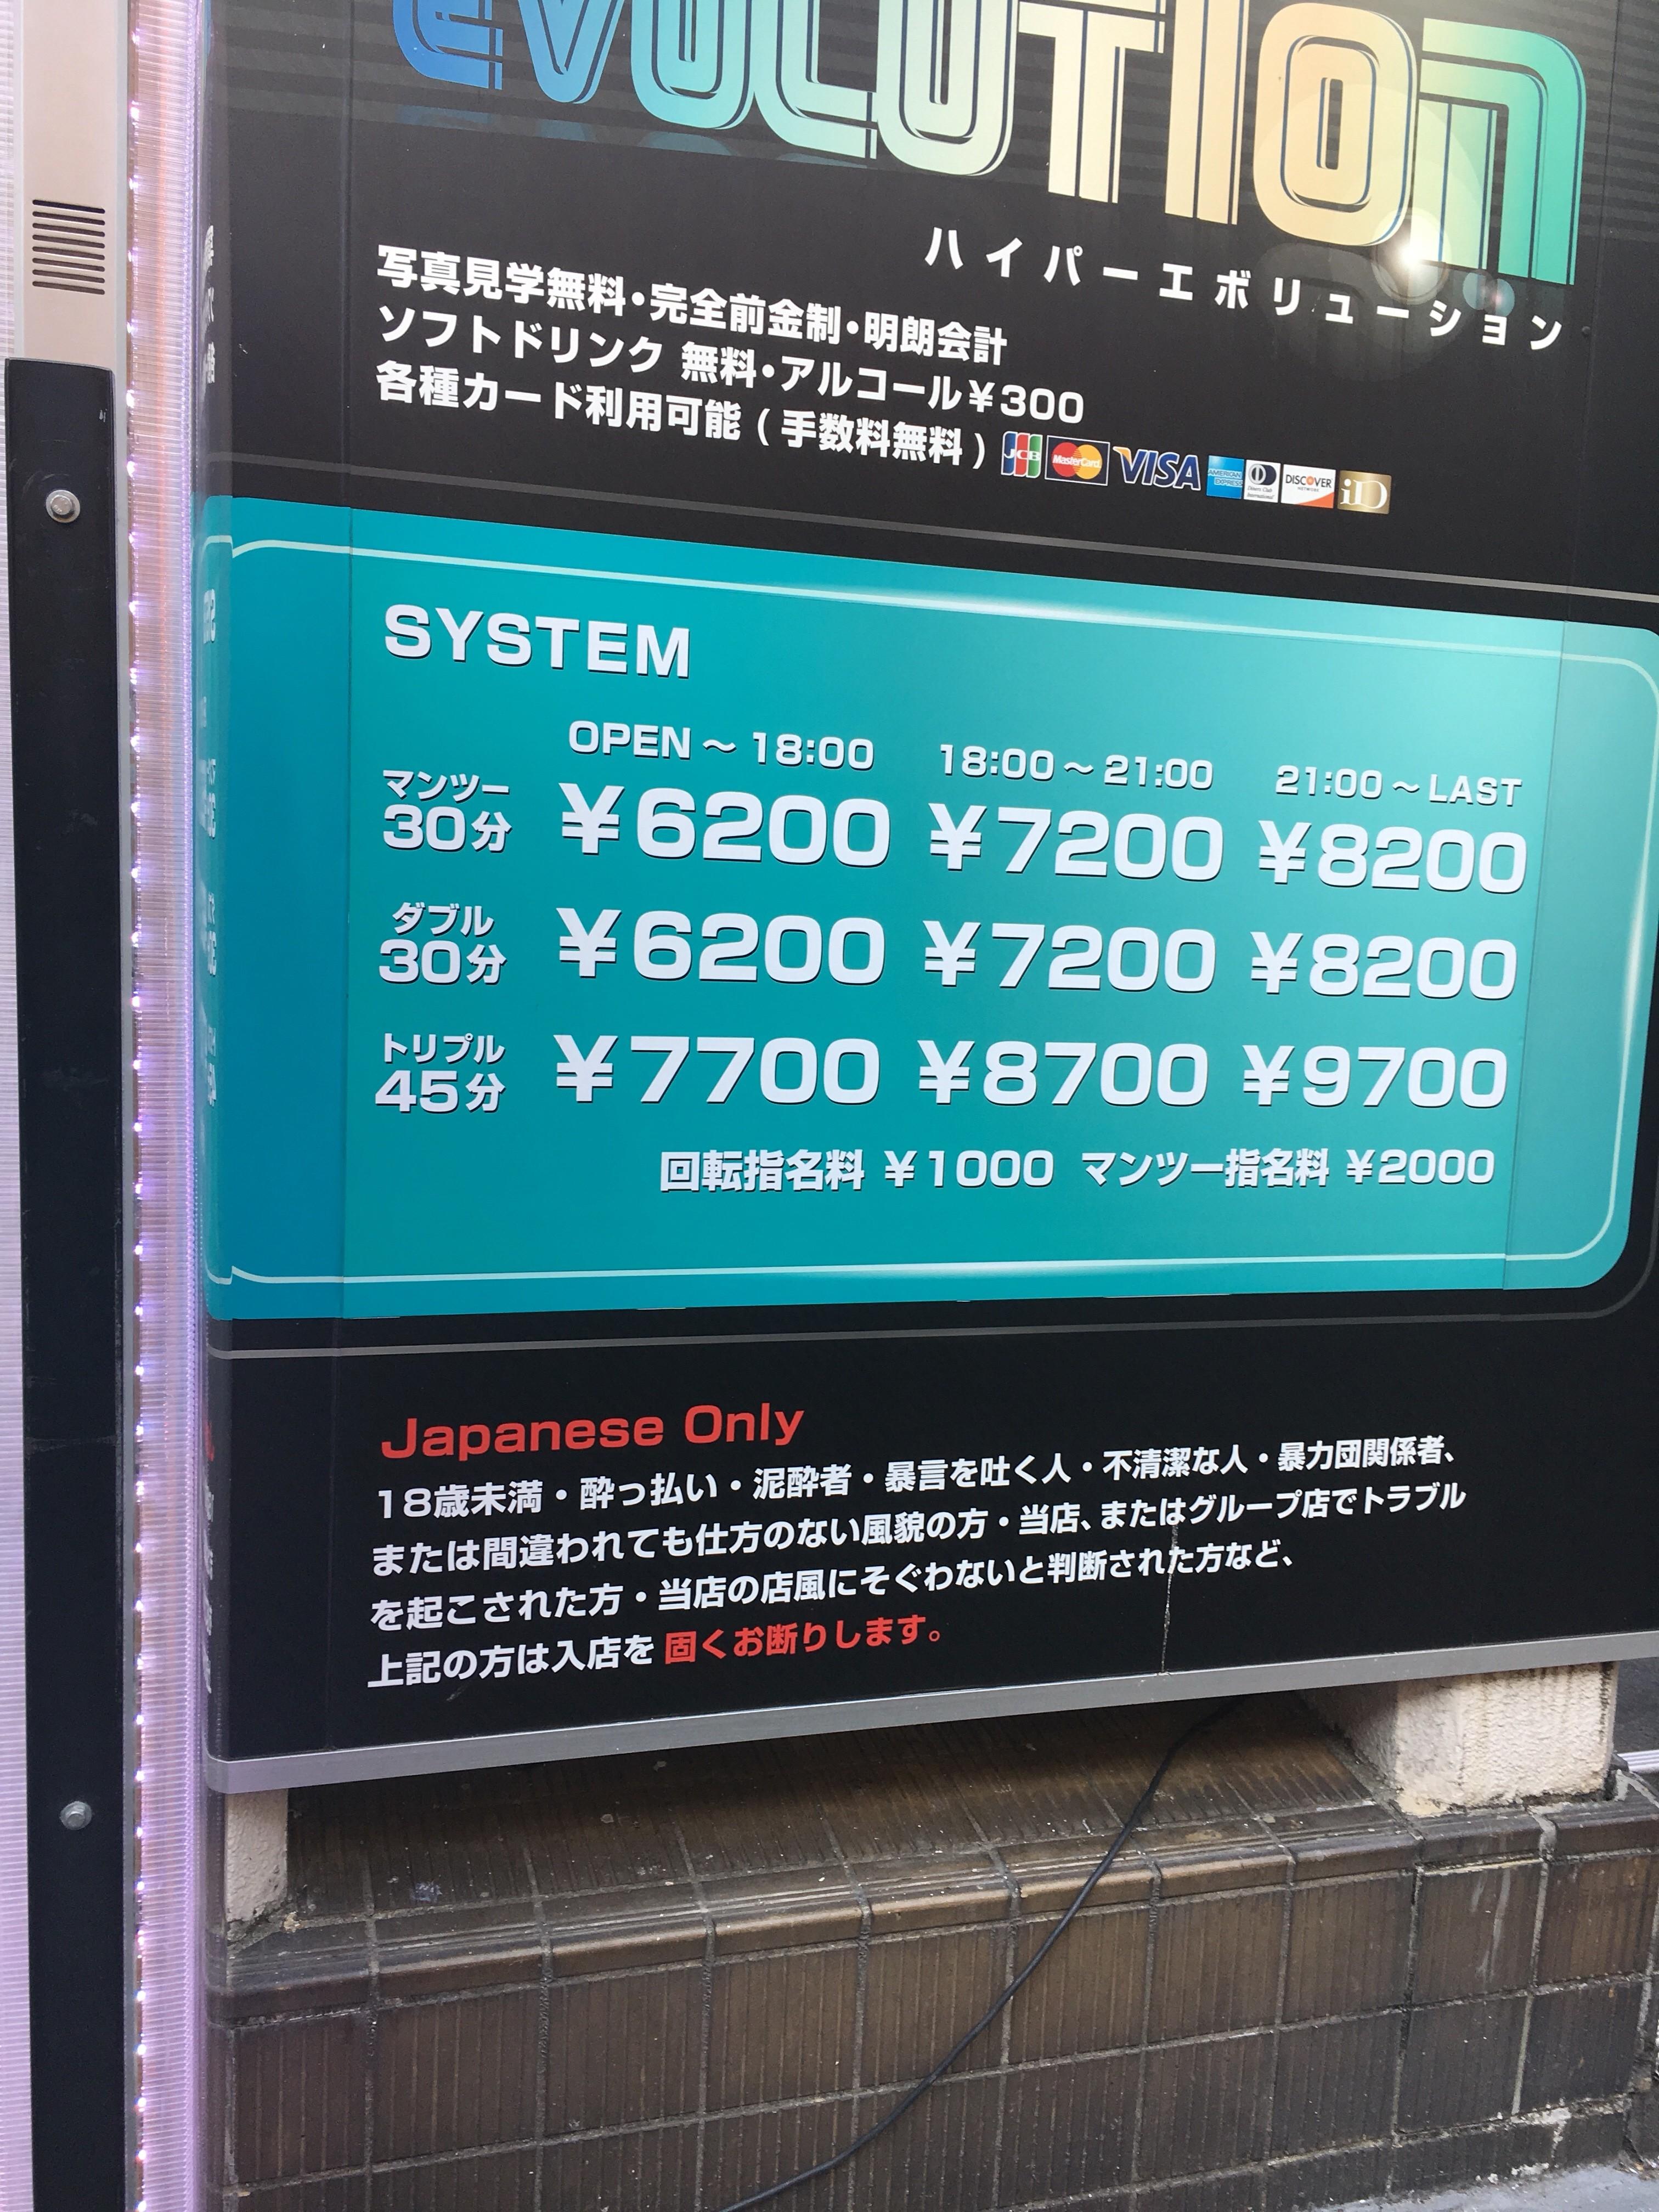 五反田のハイパーレボリューションの価格表